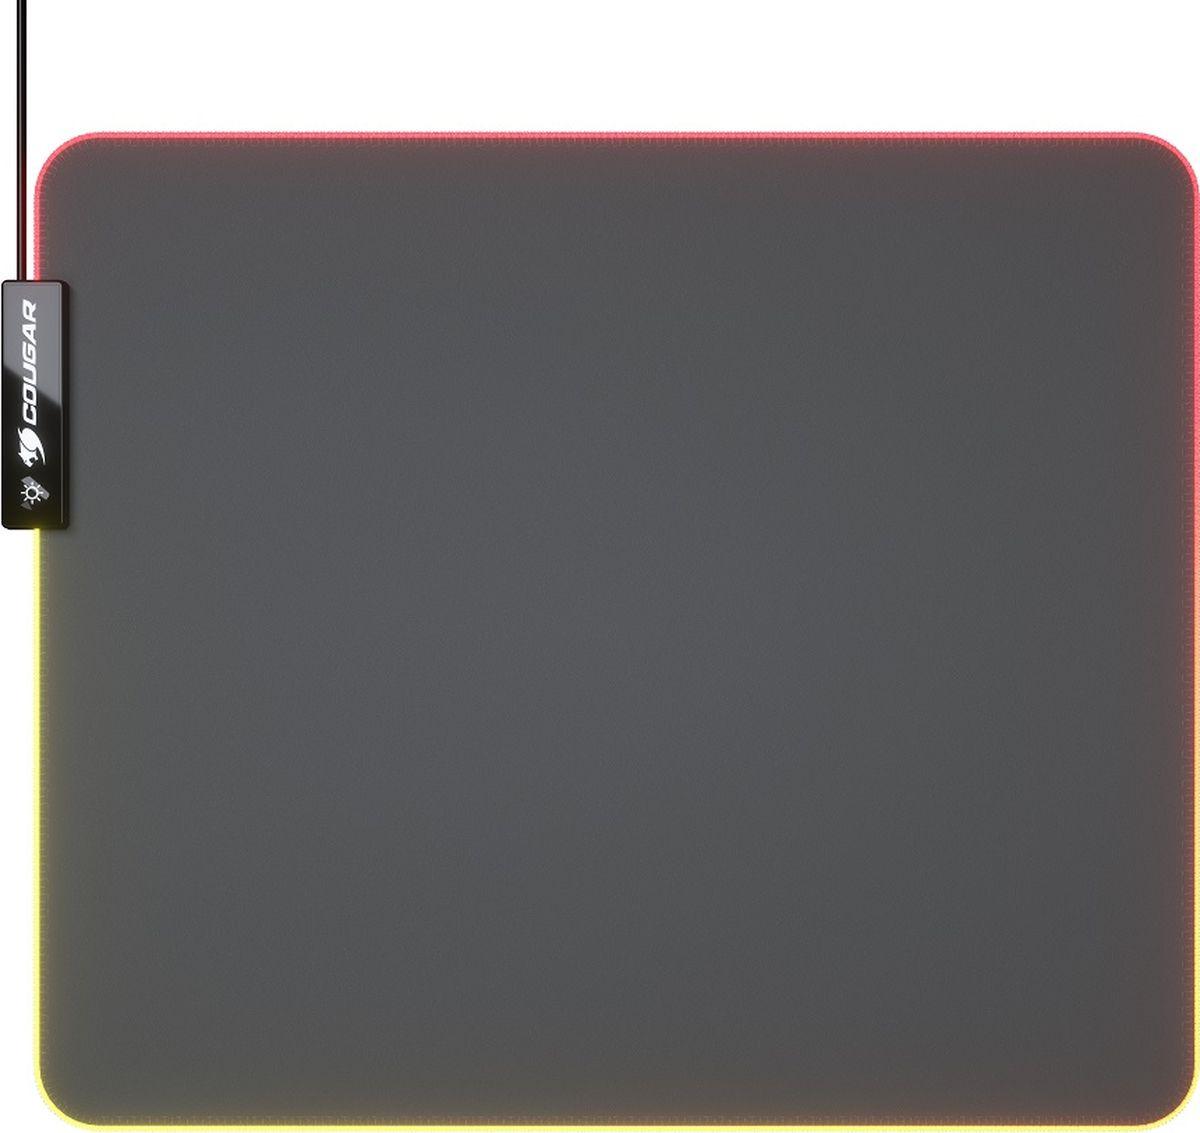 Игровой коврик для мыши Cougar Neon, черный